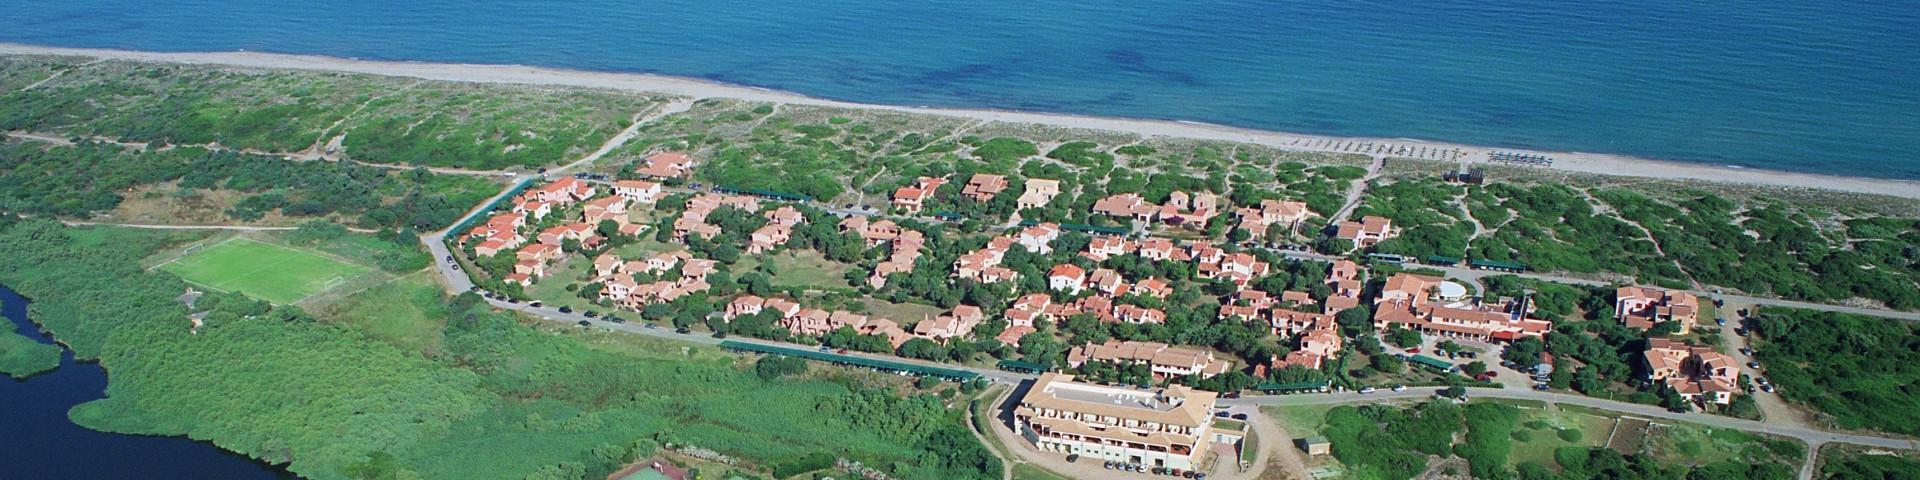 Badesi Mare, severní pobřeží Sardínie, zde nebudete mít pocit přeplněných pláží